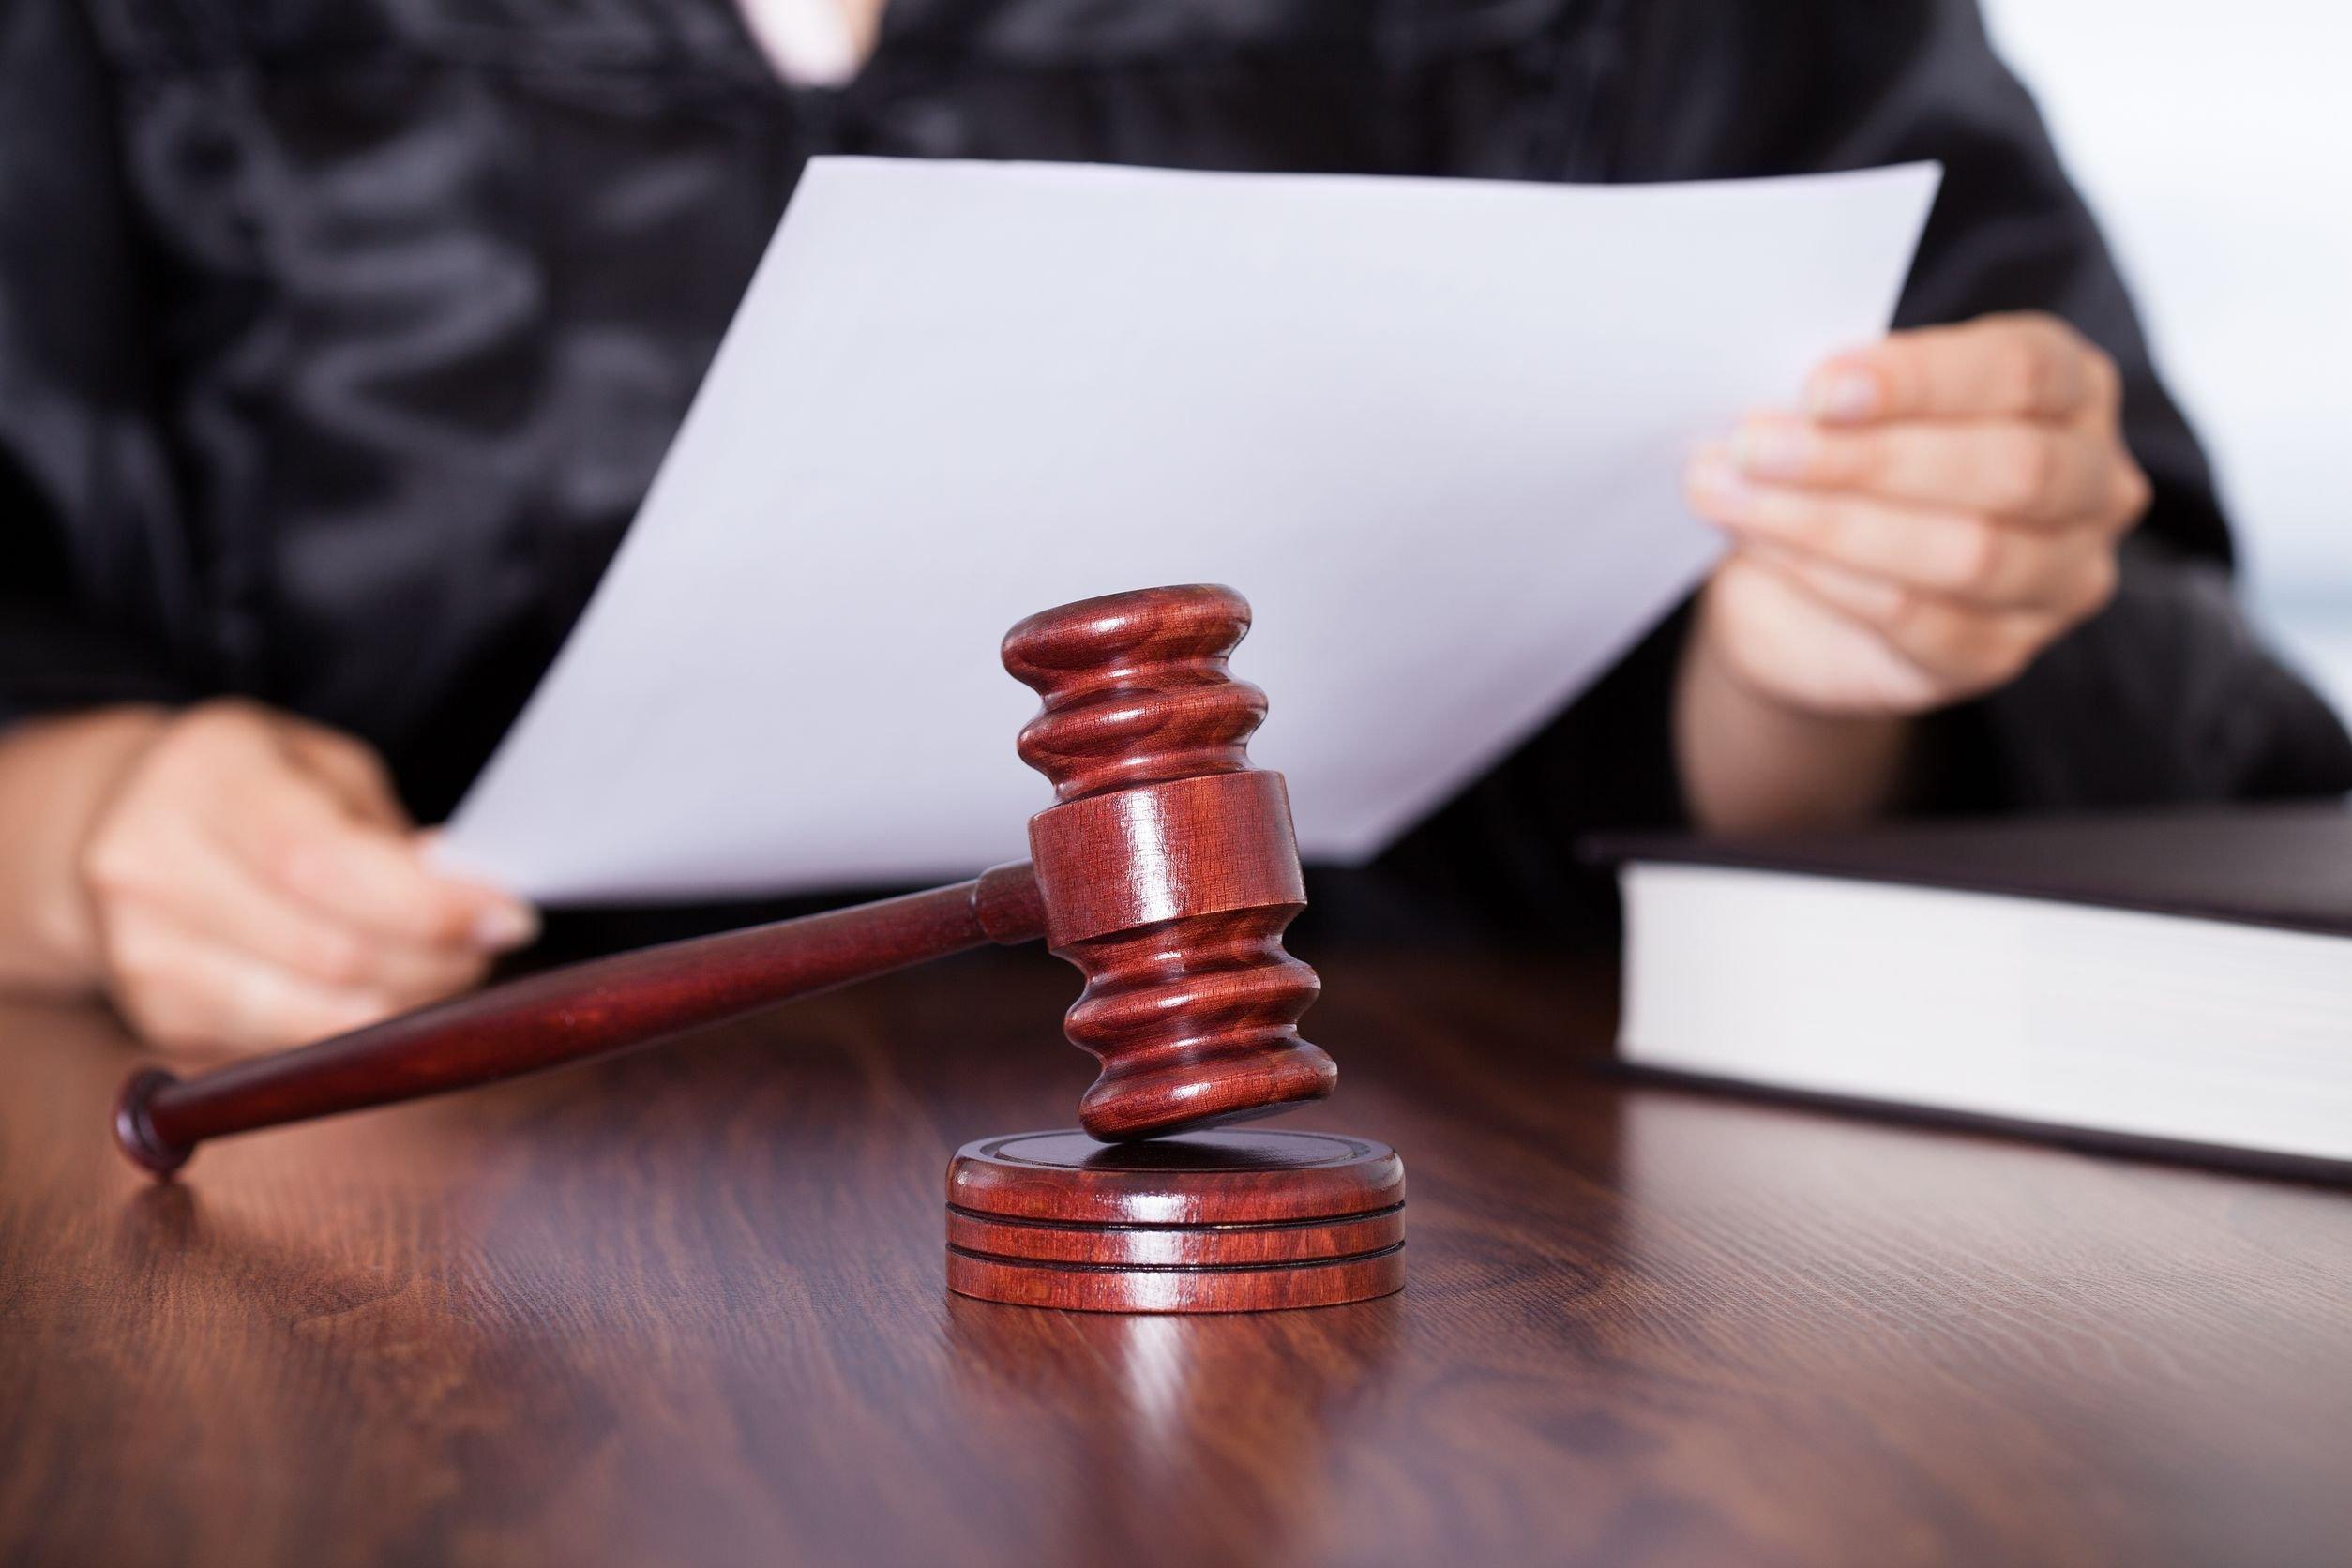 решения суда по мошенничеству с недвижимостью спросил